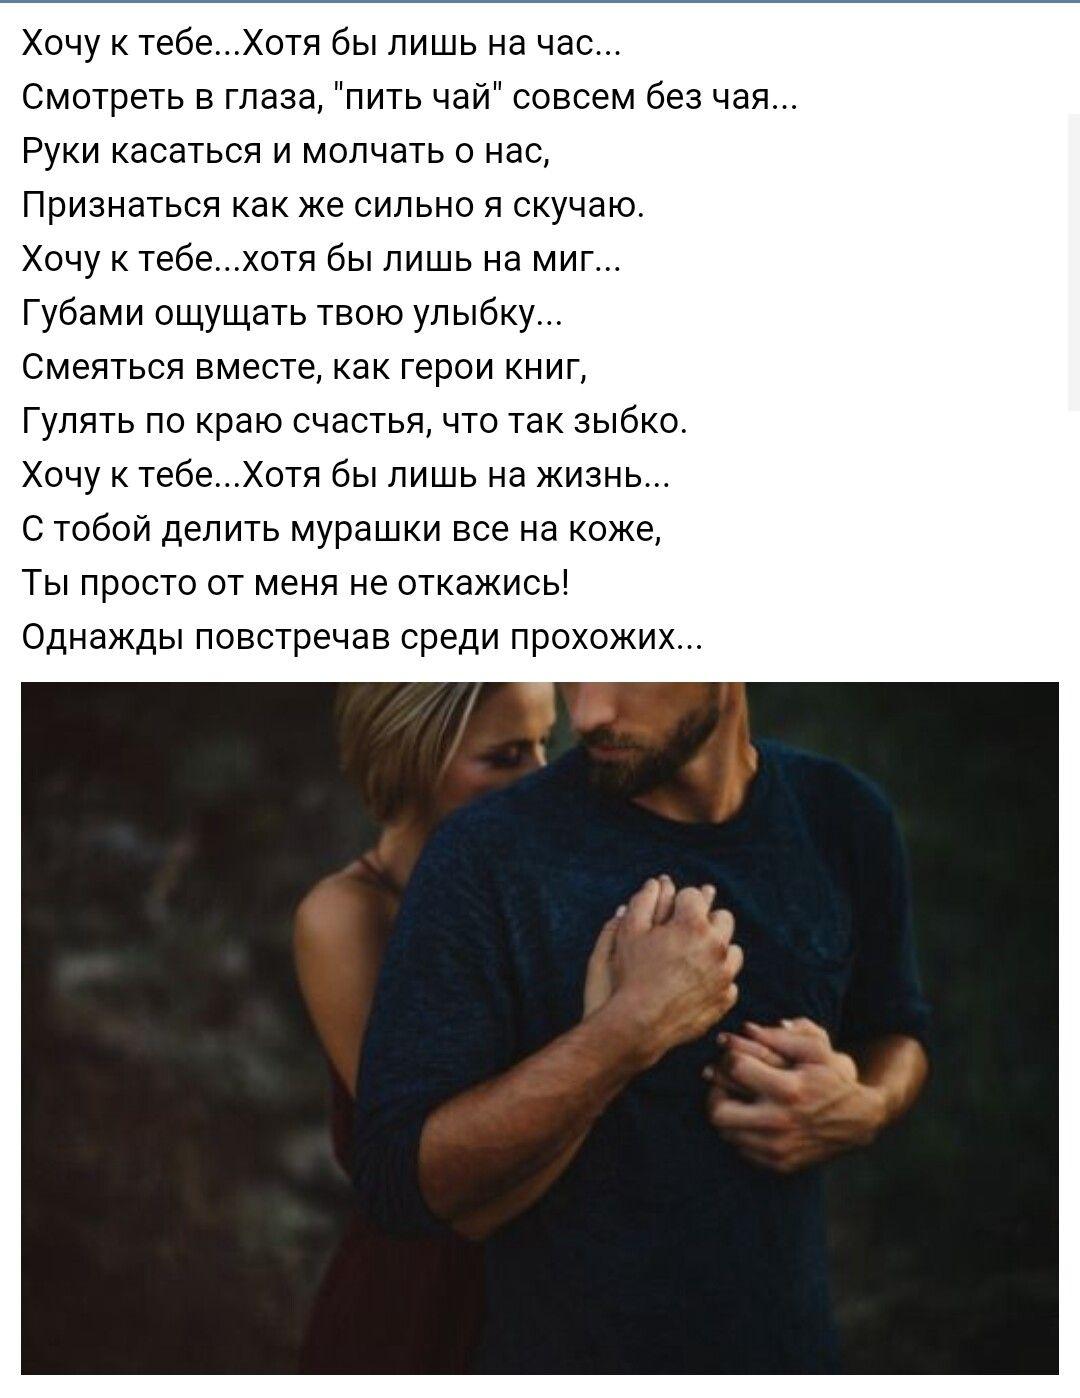 картинка хочу к тебе картинка